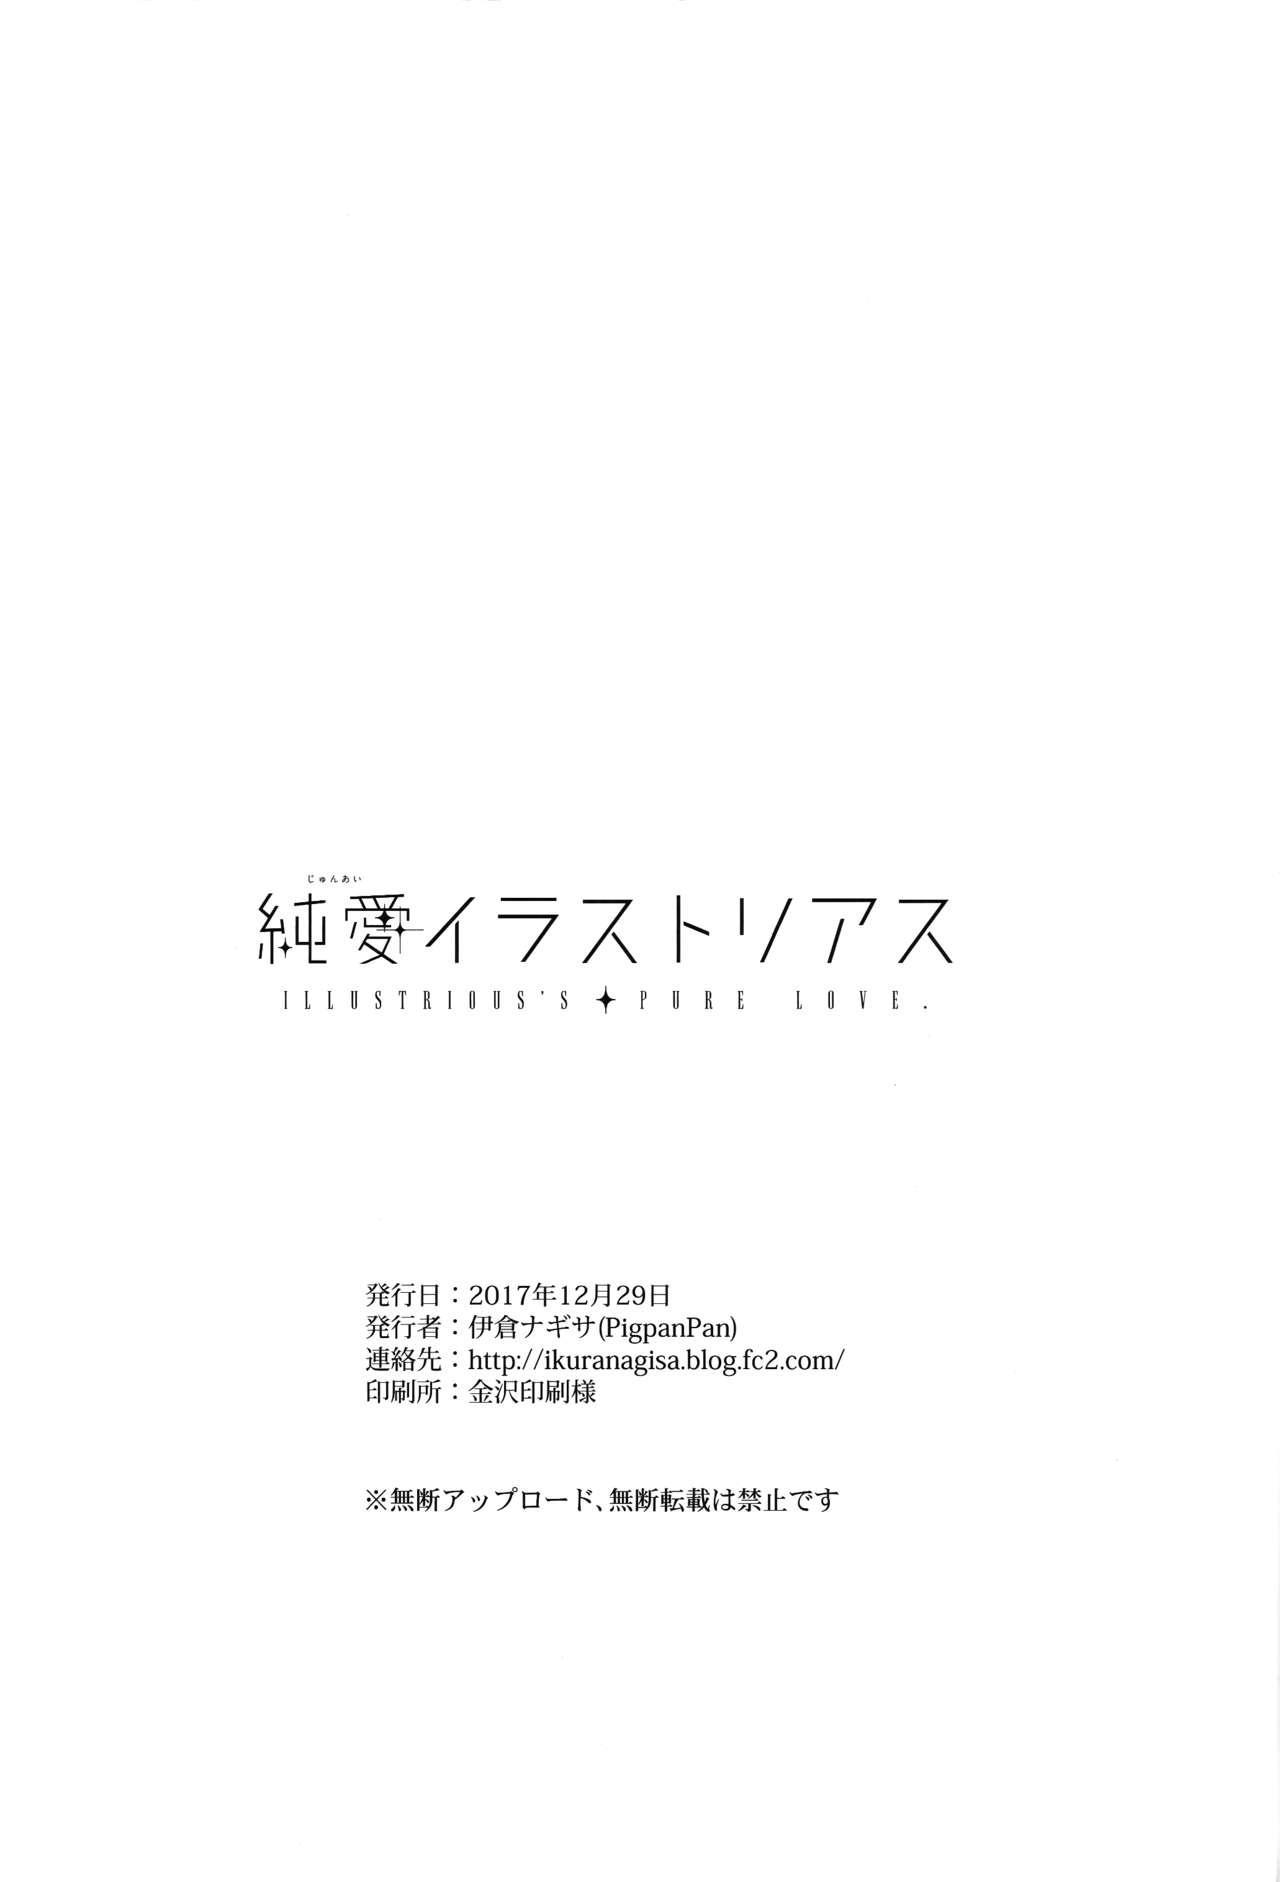 Junai Illustrious - Pure Love Illustrious 21